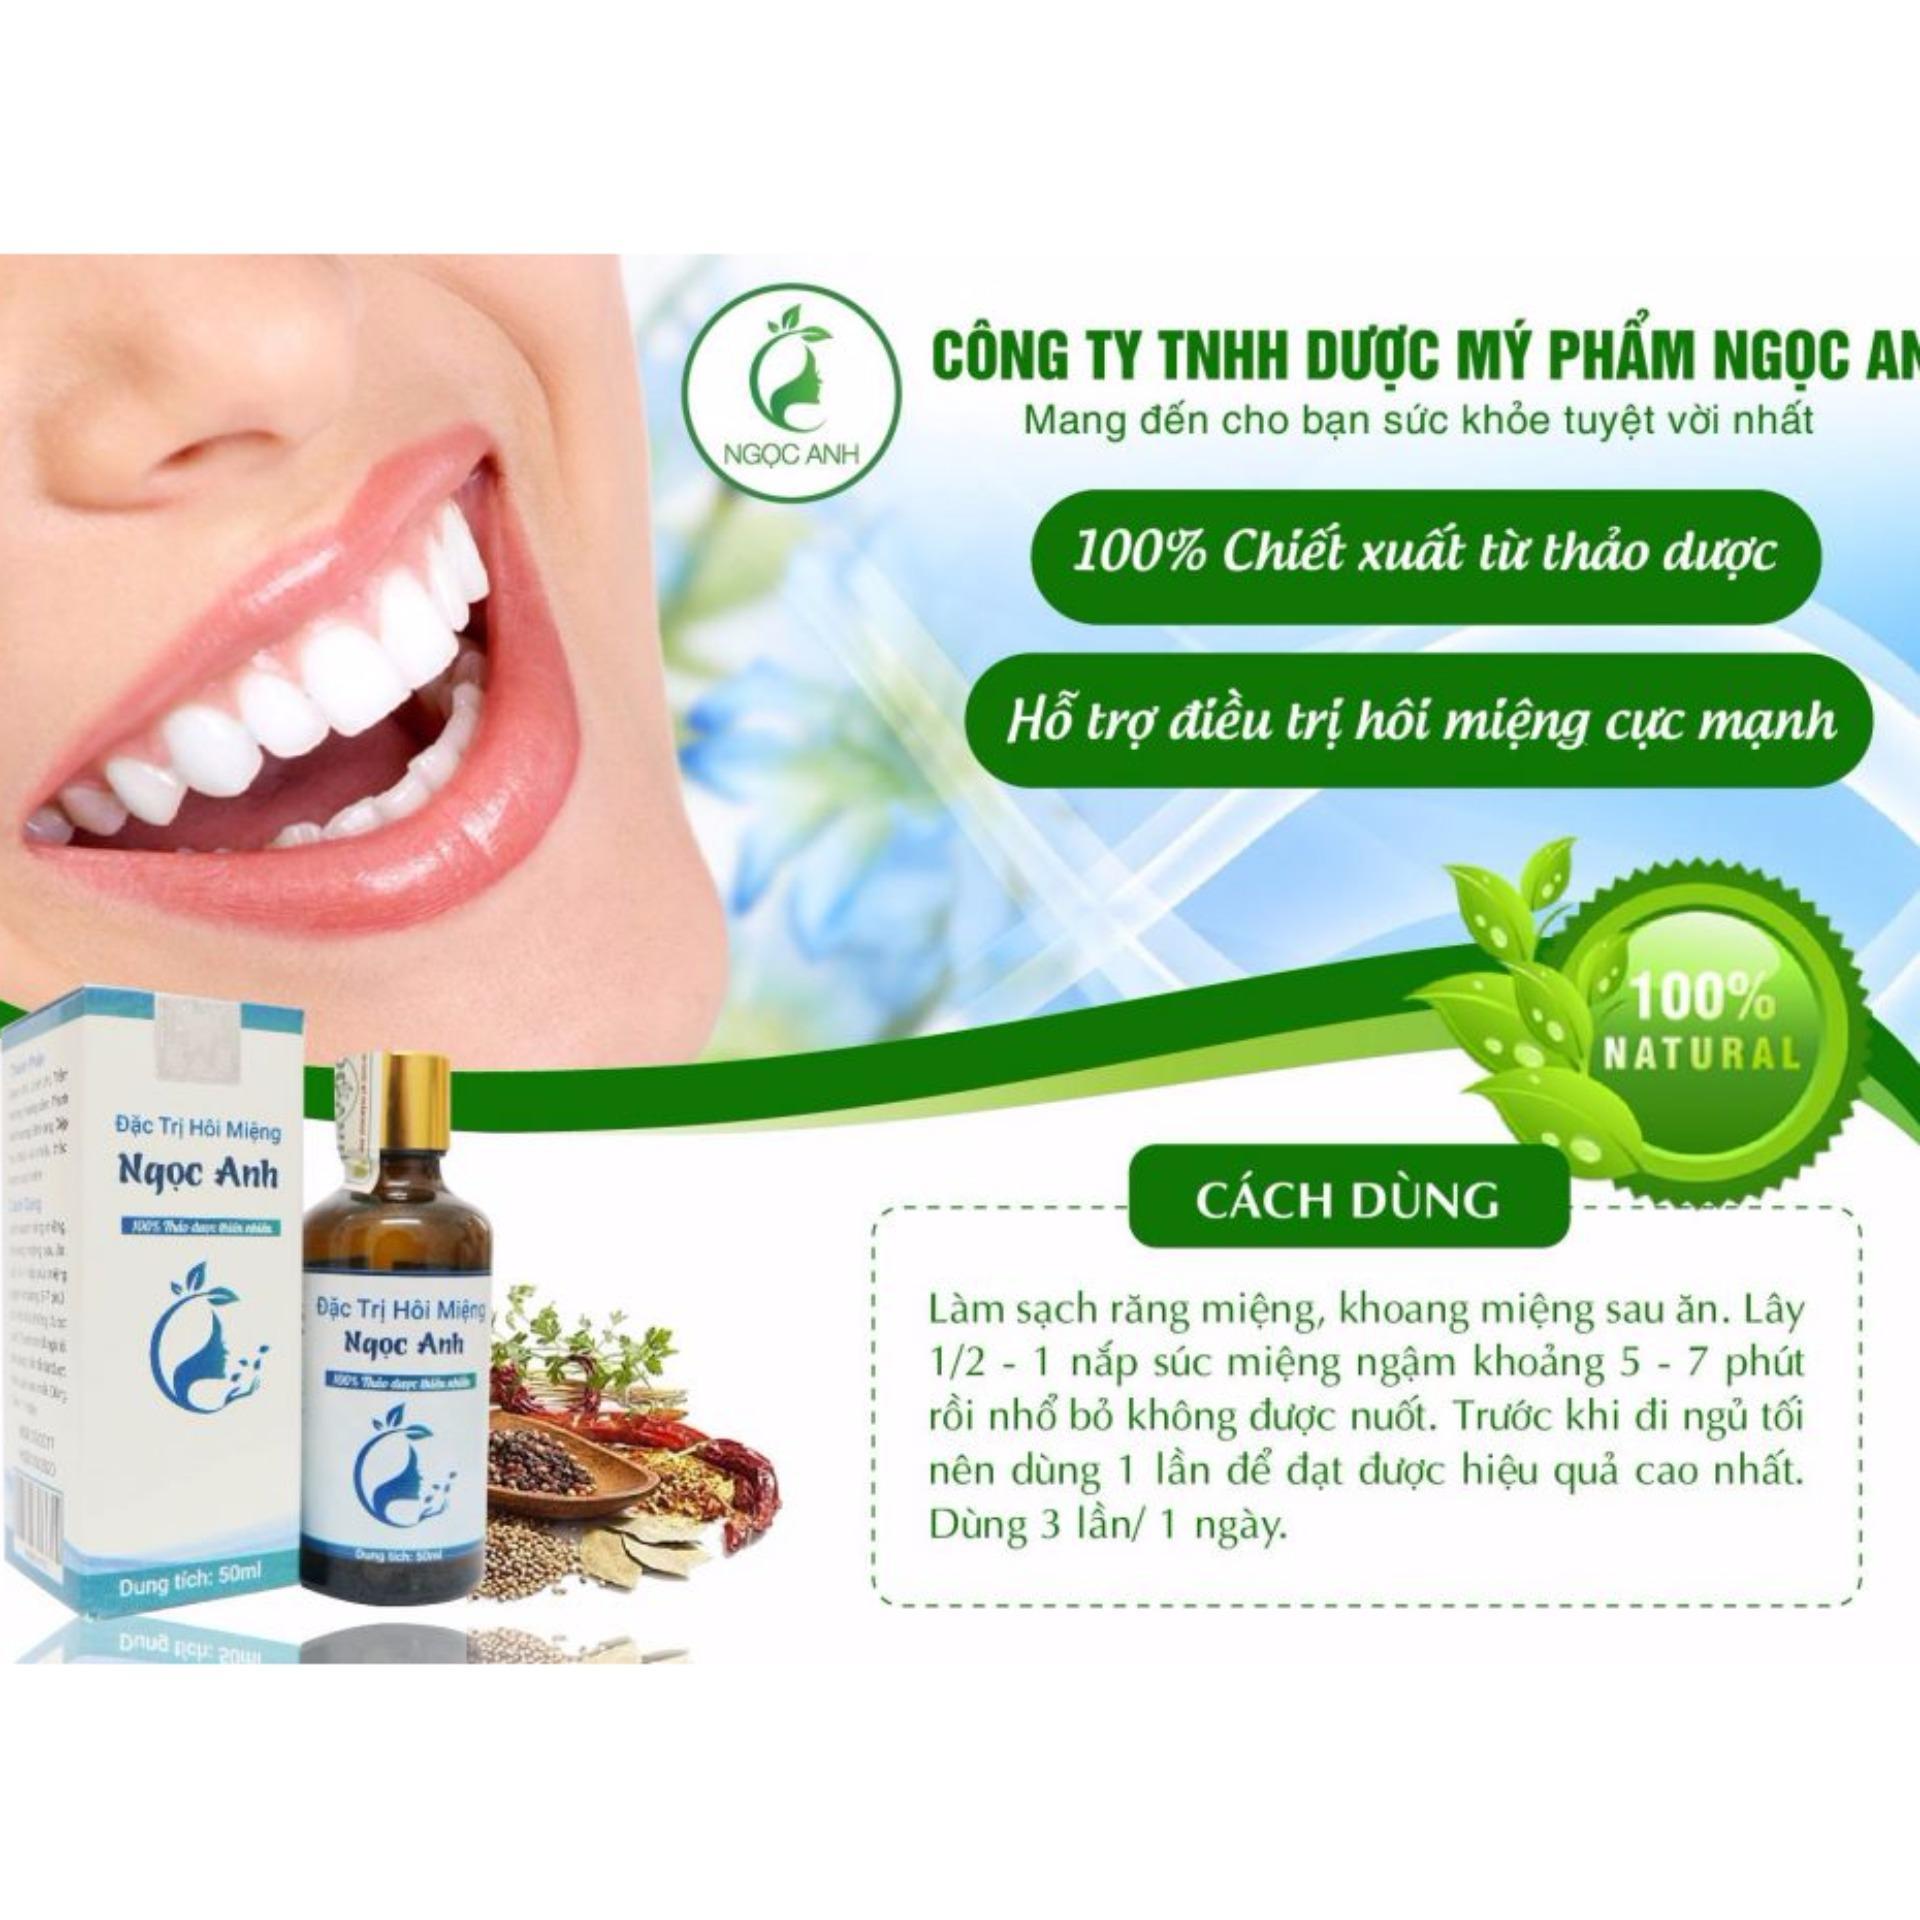 Thuốc đặc trị hôi miệng Ngọc Anh (50ml)